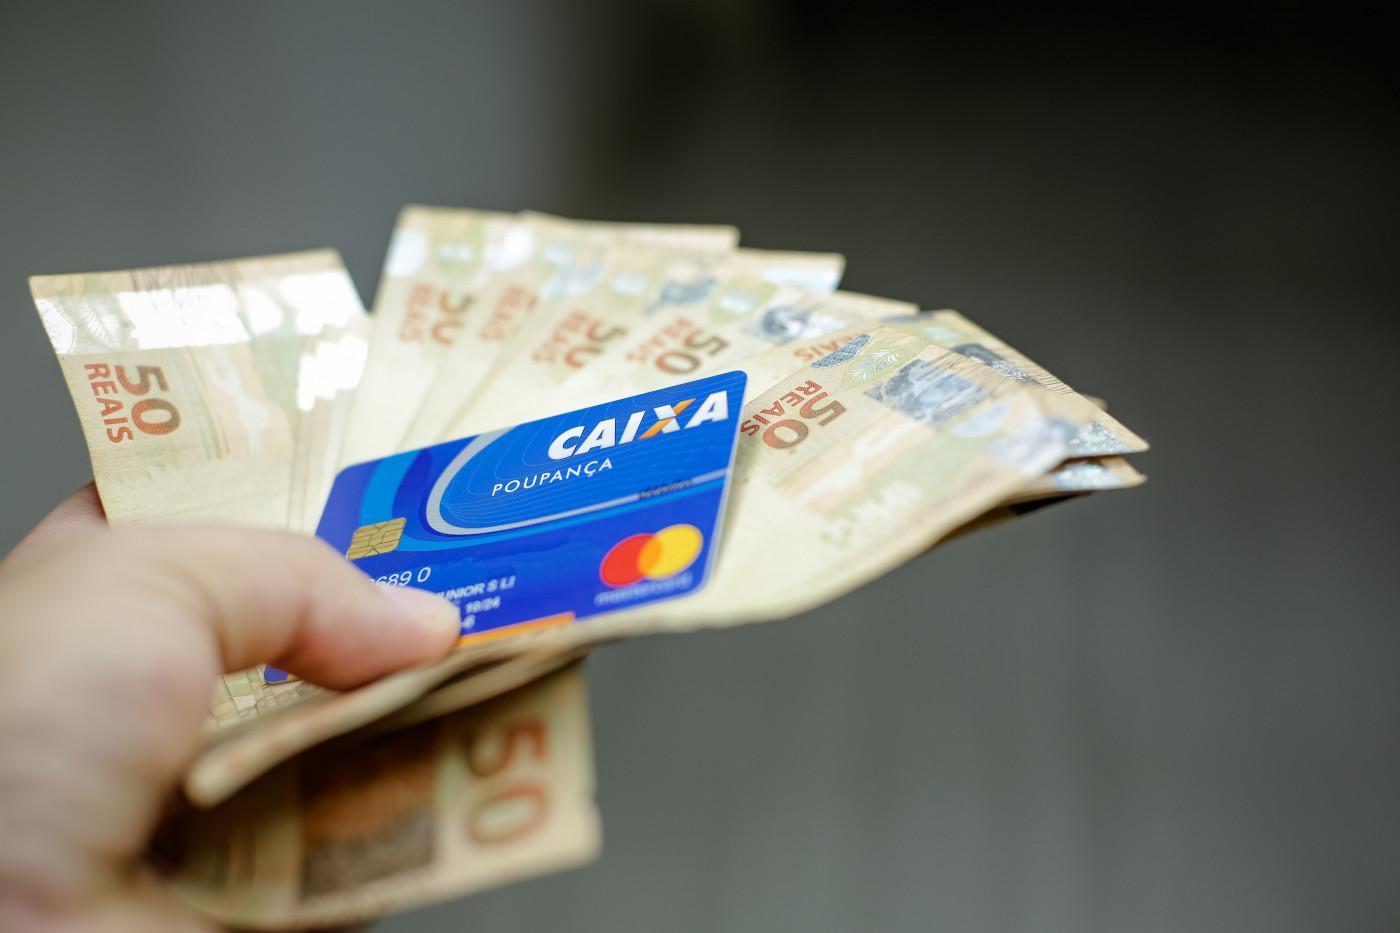 várias notas de 50 reais em uma mão junto com um cartão azul da caixa